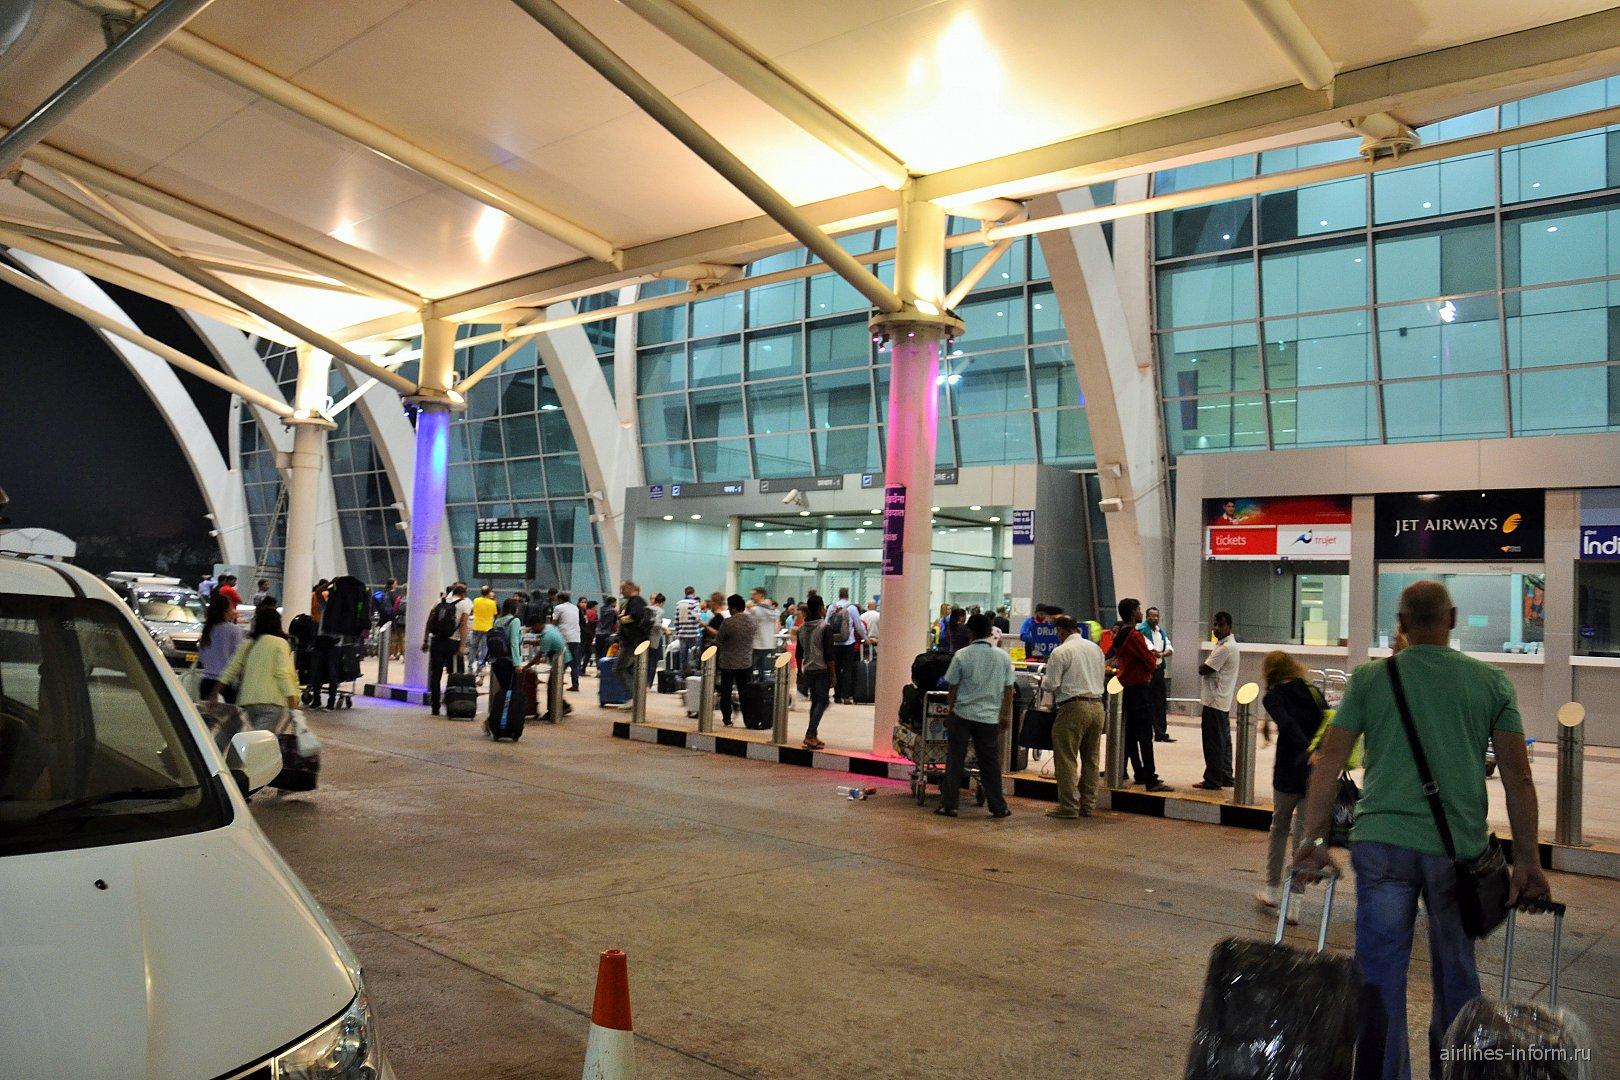 Вход в пассажирский терминал аэропорта Даболим